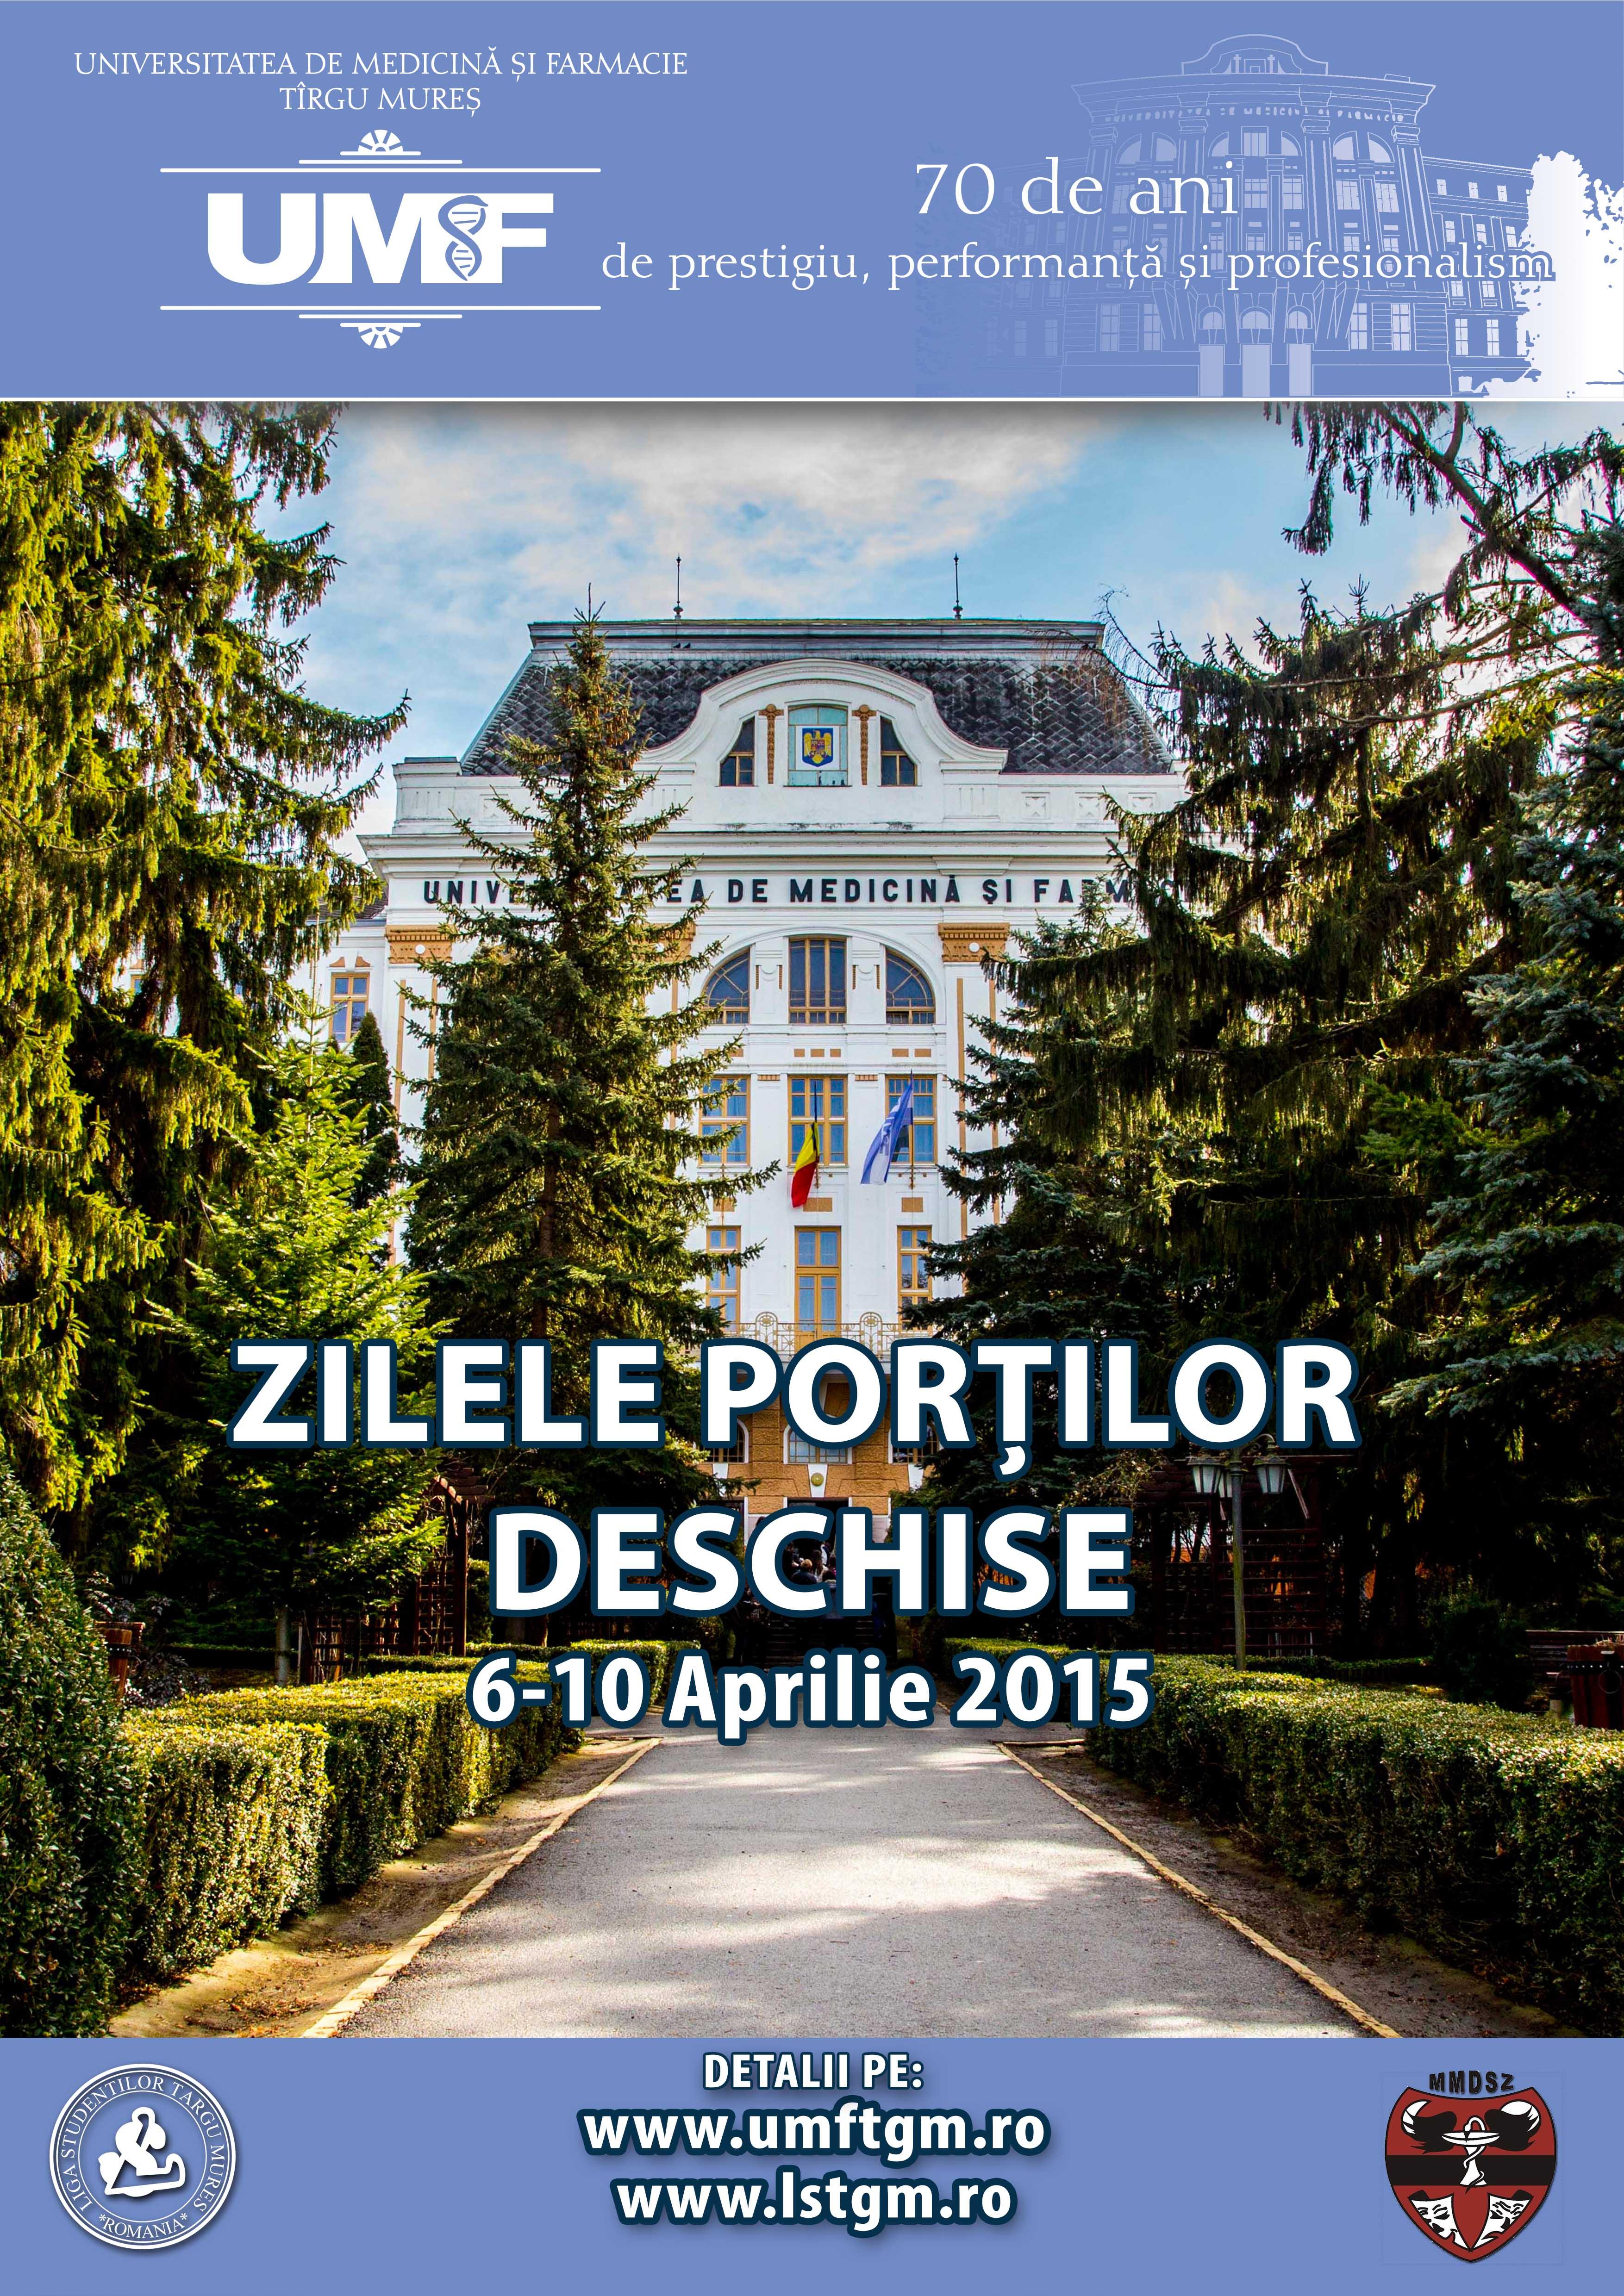 UMF Tîrgu Mureș vă așteaptă la Zilele Porților deschise